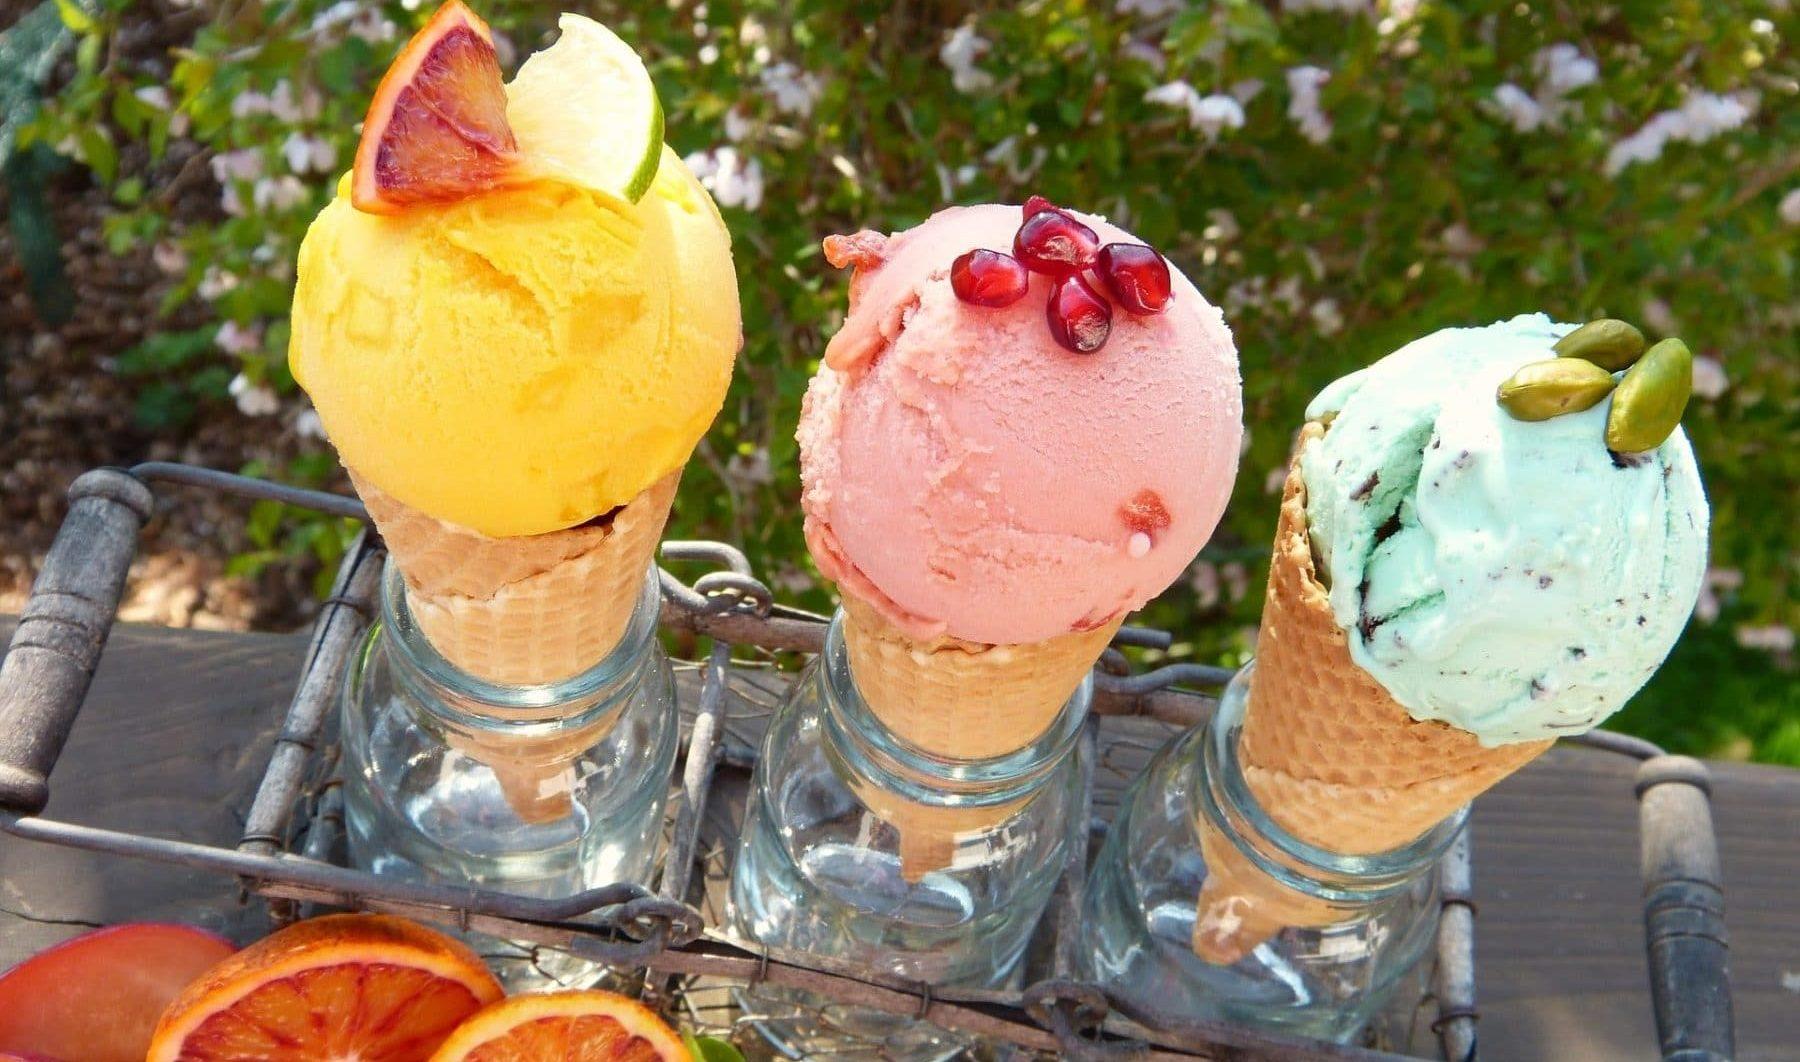 Drei Eiswaffeln mit herrlich selbstgerechtem Eis in gelb, rosa und grün